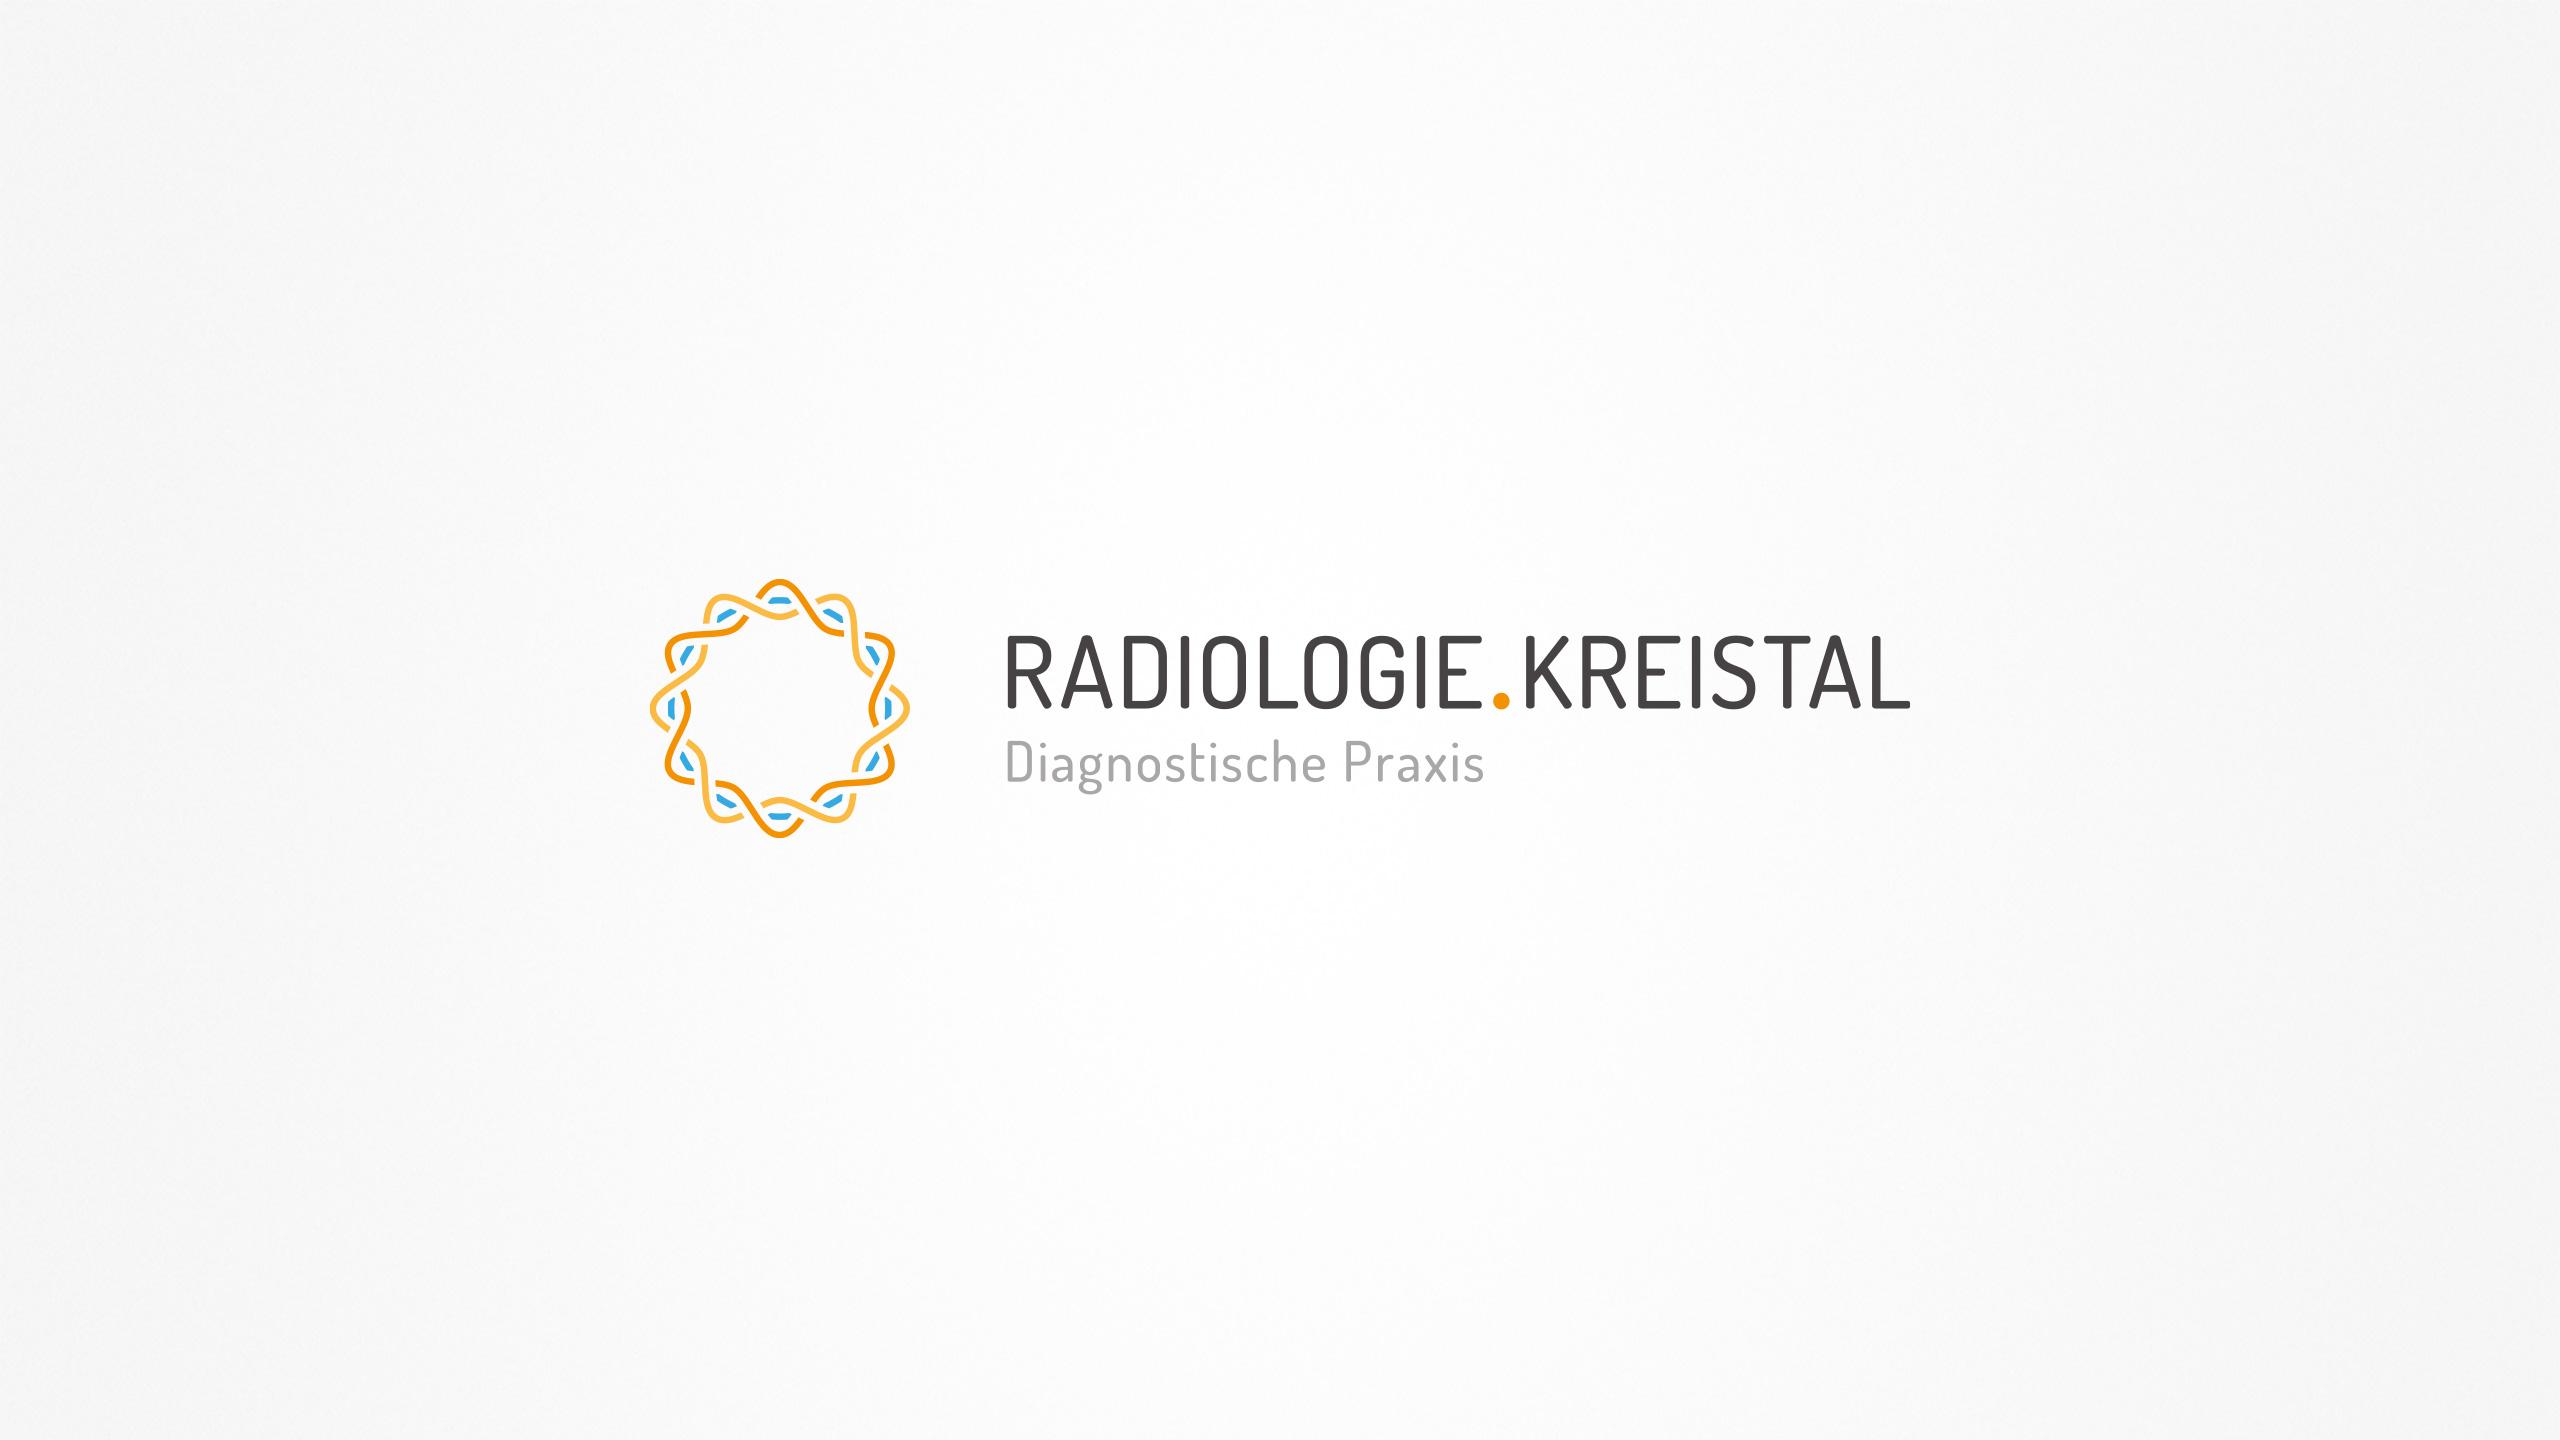 Radiologie Kreistal